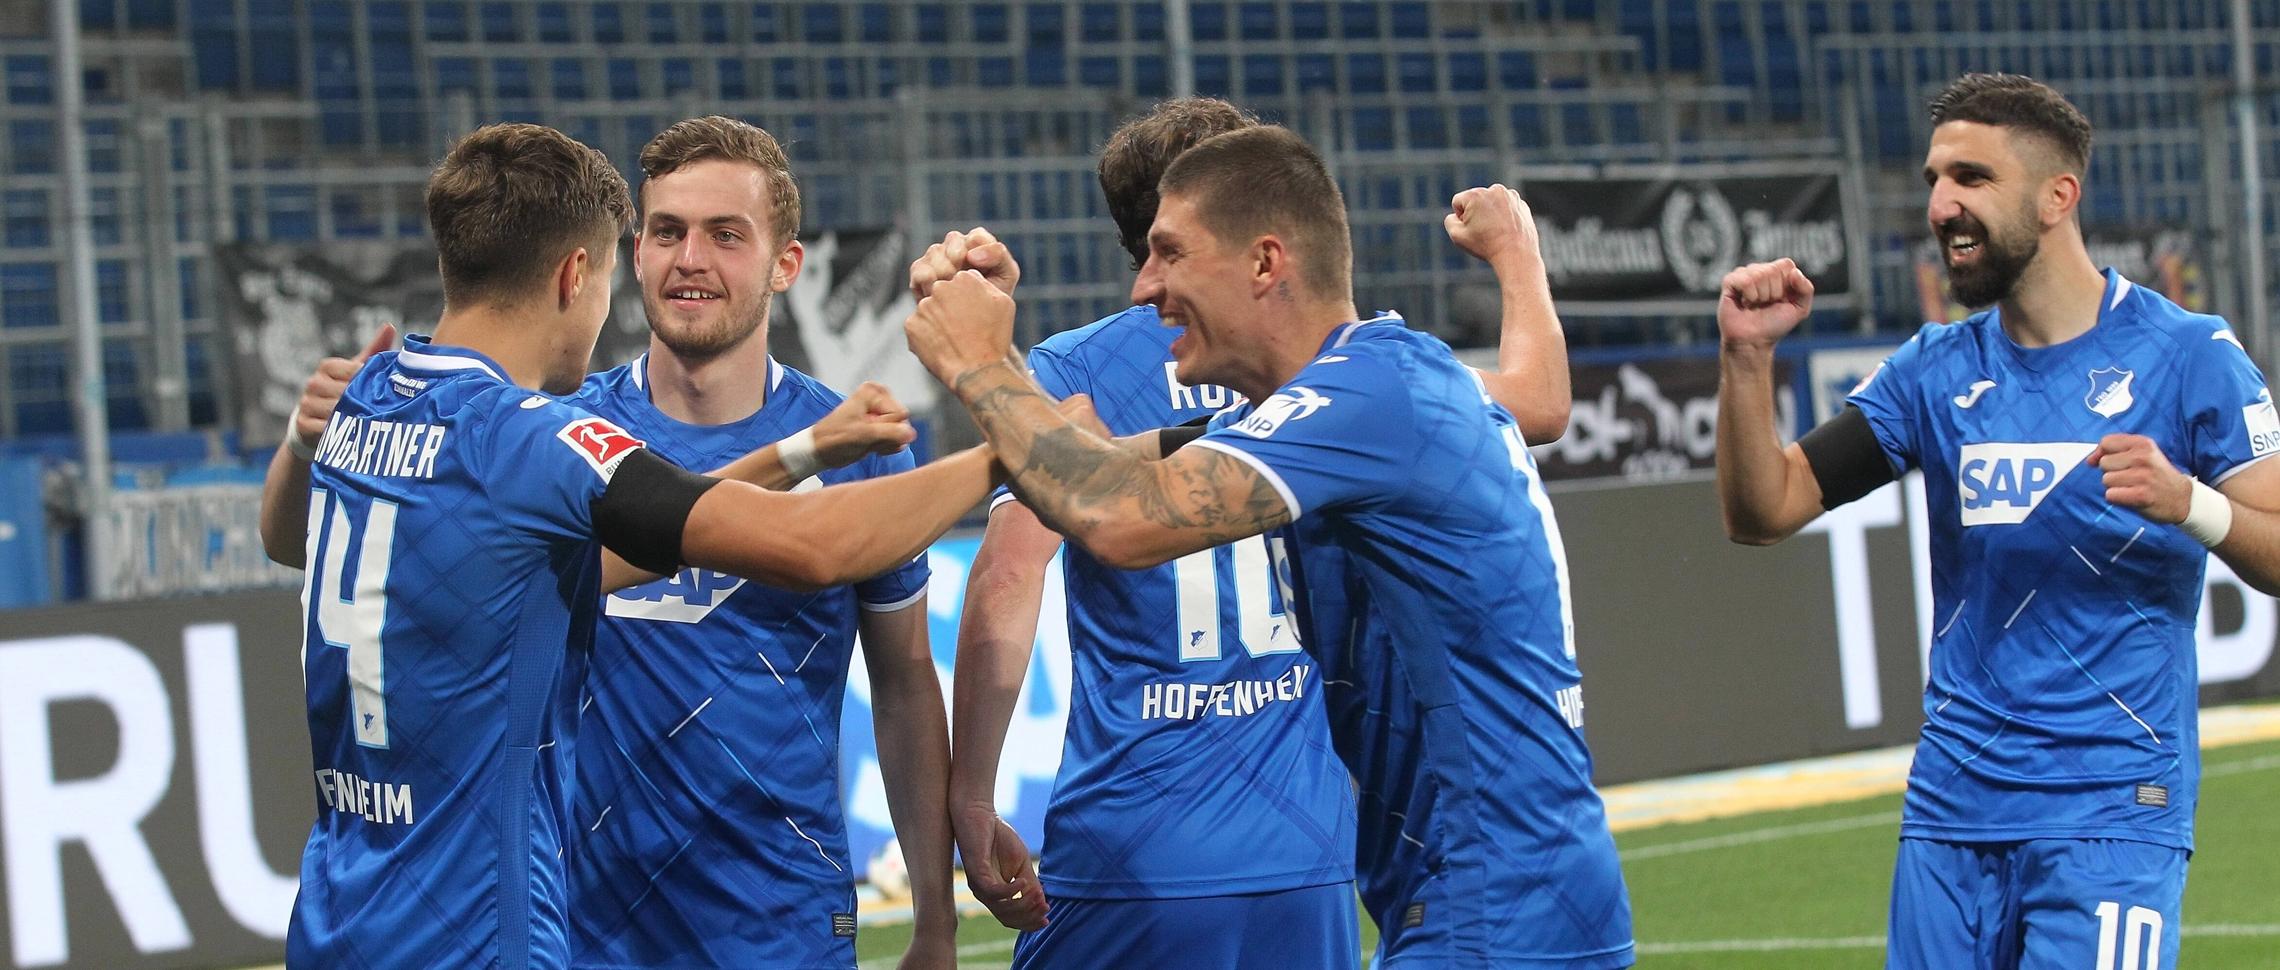 Tsg Hoffenheim Spieler